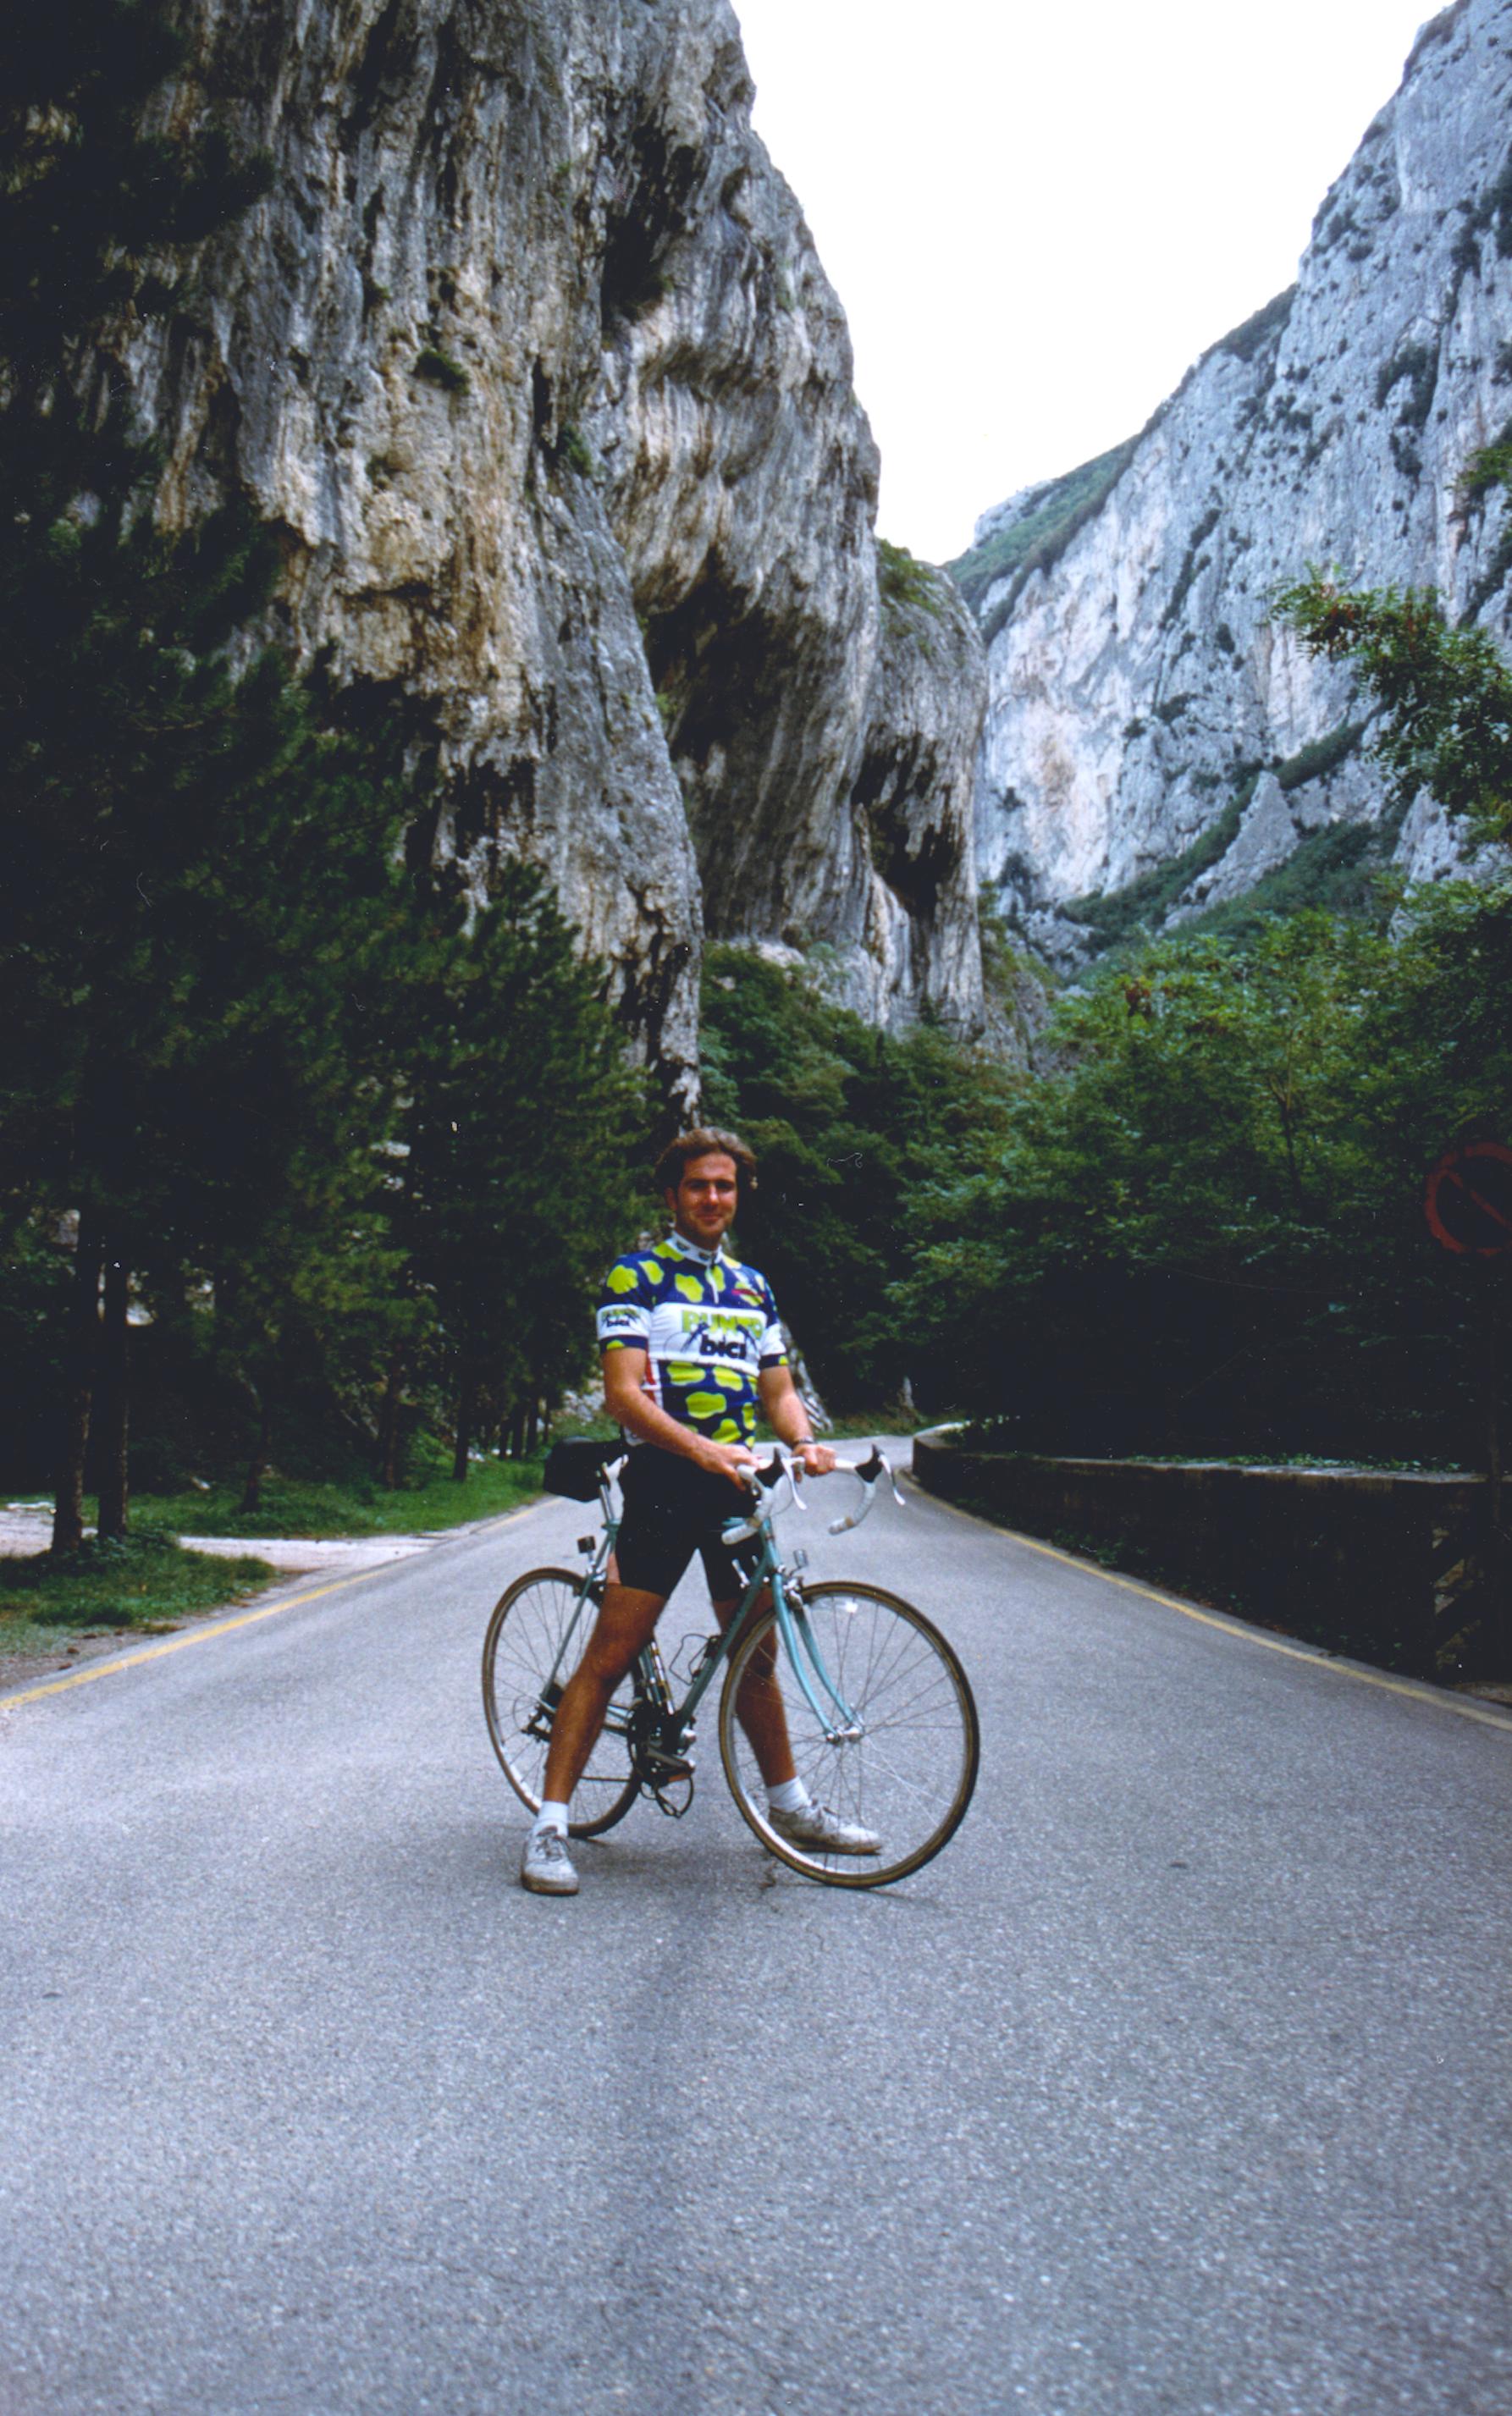 1993 near Genga, Italy